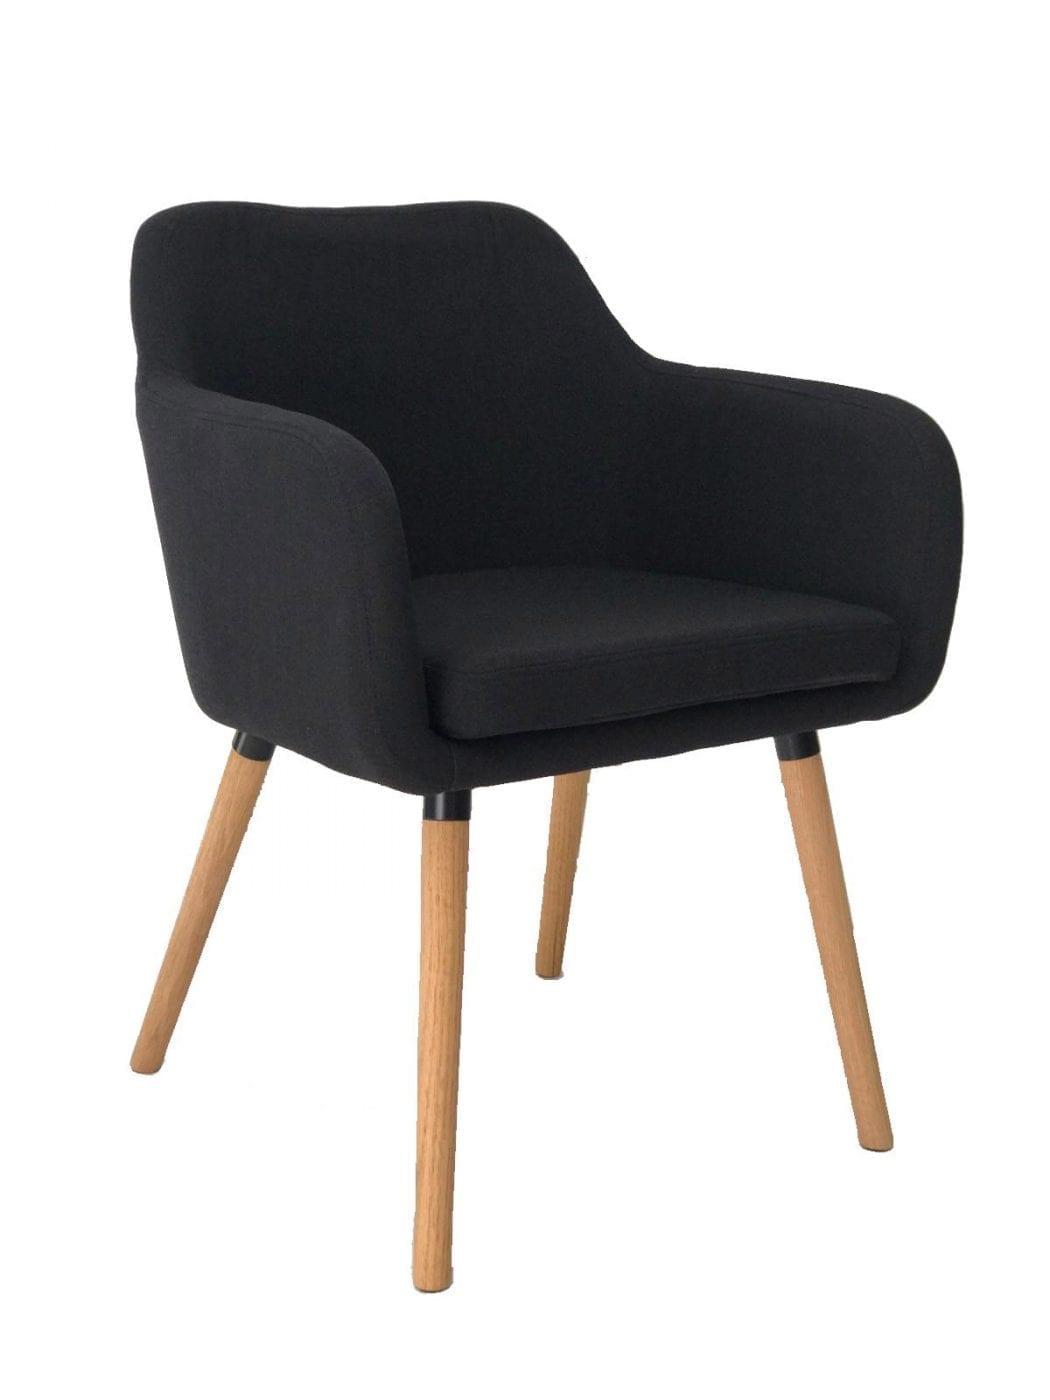 כסא המתנה, אורח וישיבות דגם לוטם